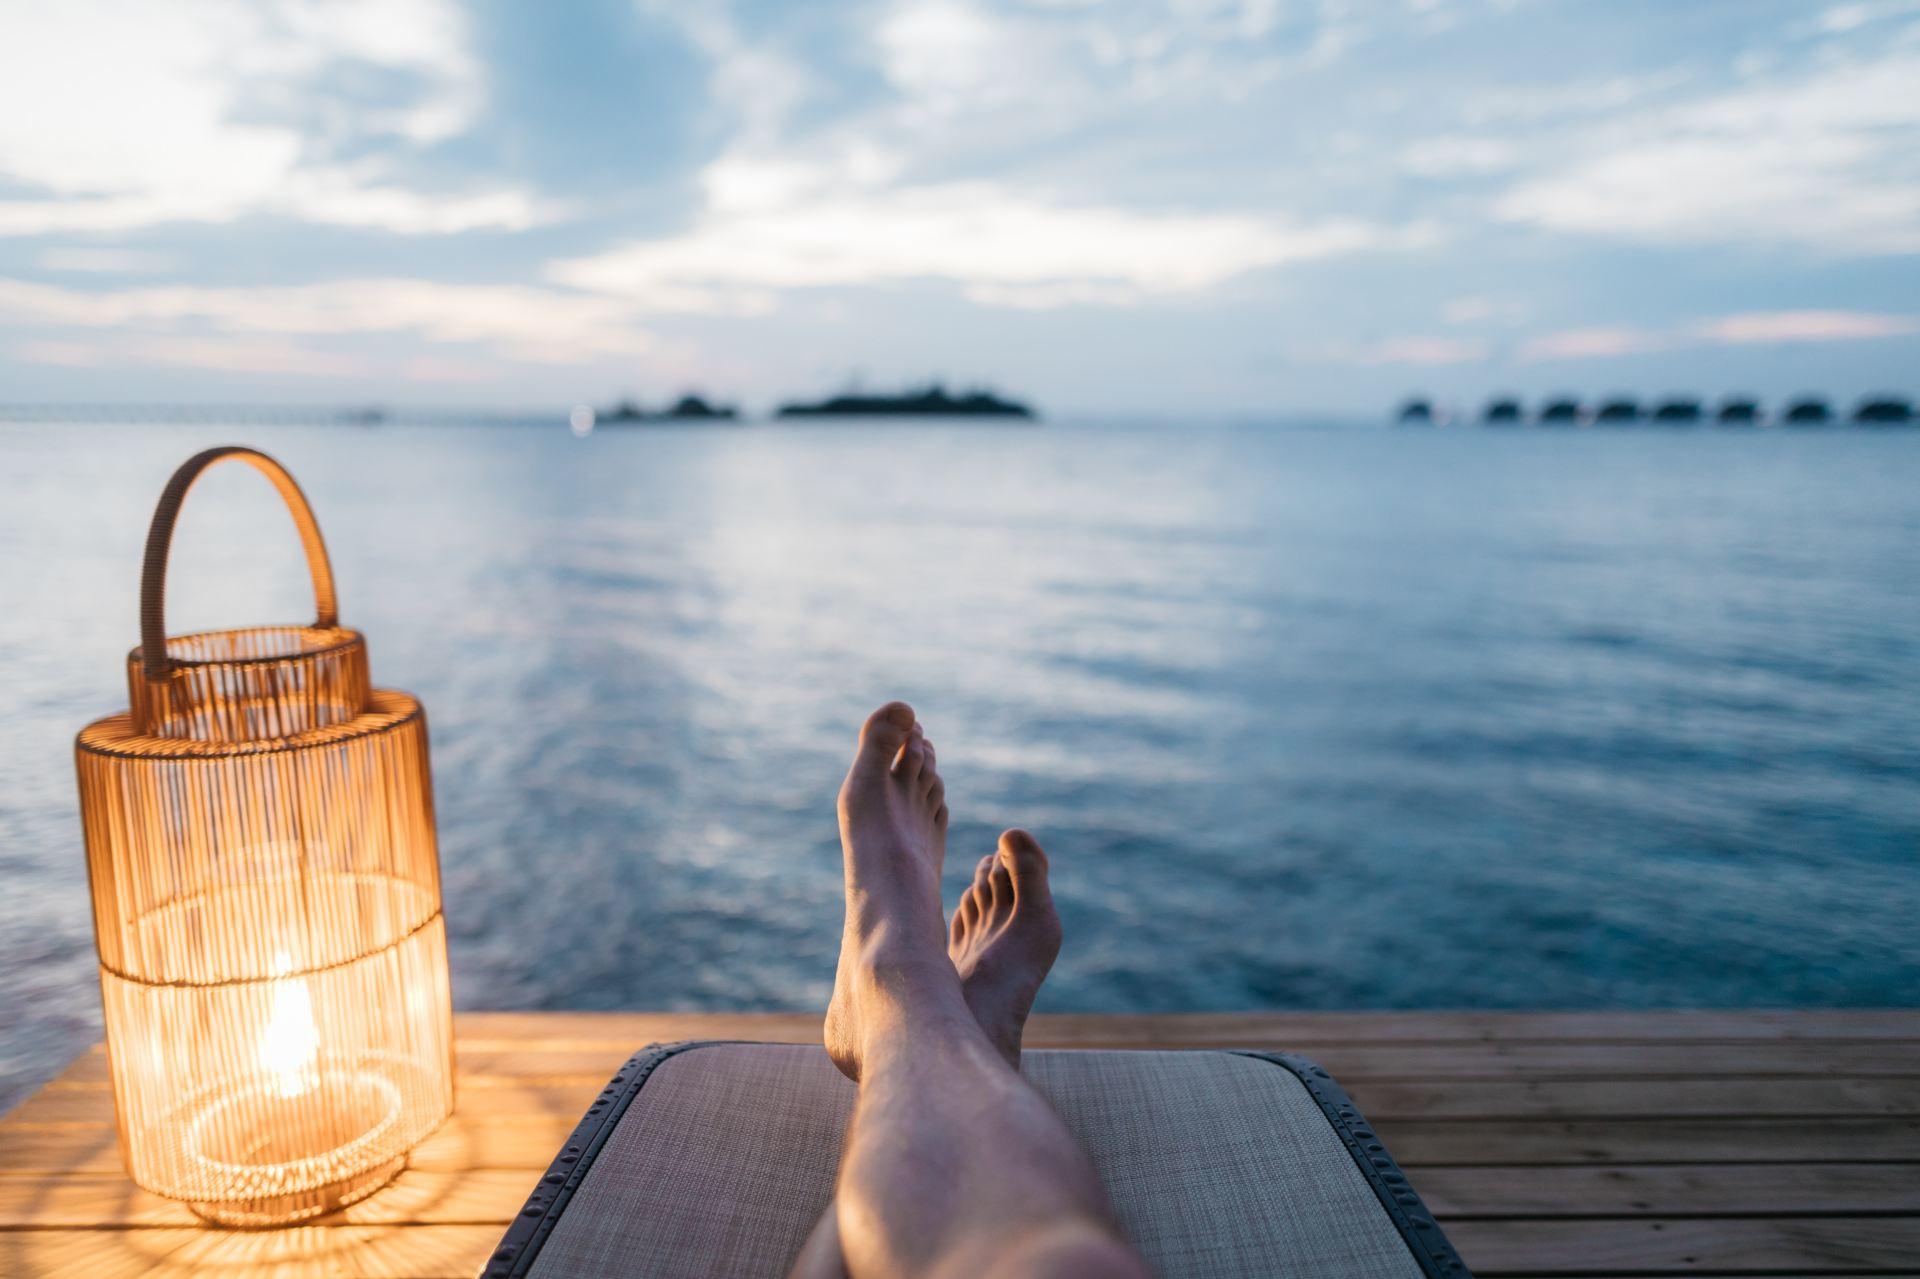 Θαλασσινό Νερό Οφέλη: Το θαλασσινό νερό είναι βάλσαμο για το σώμα και την ψυχή [vid]